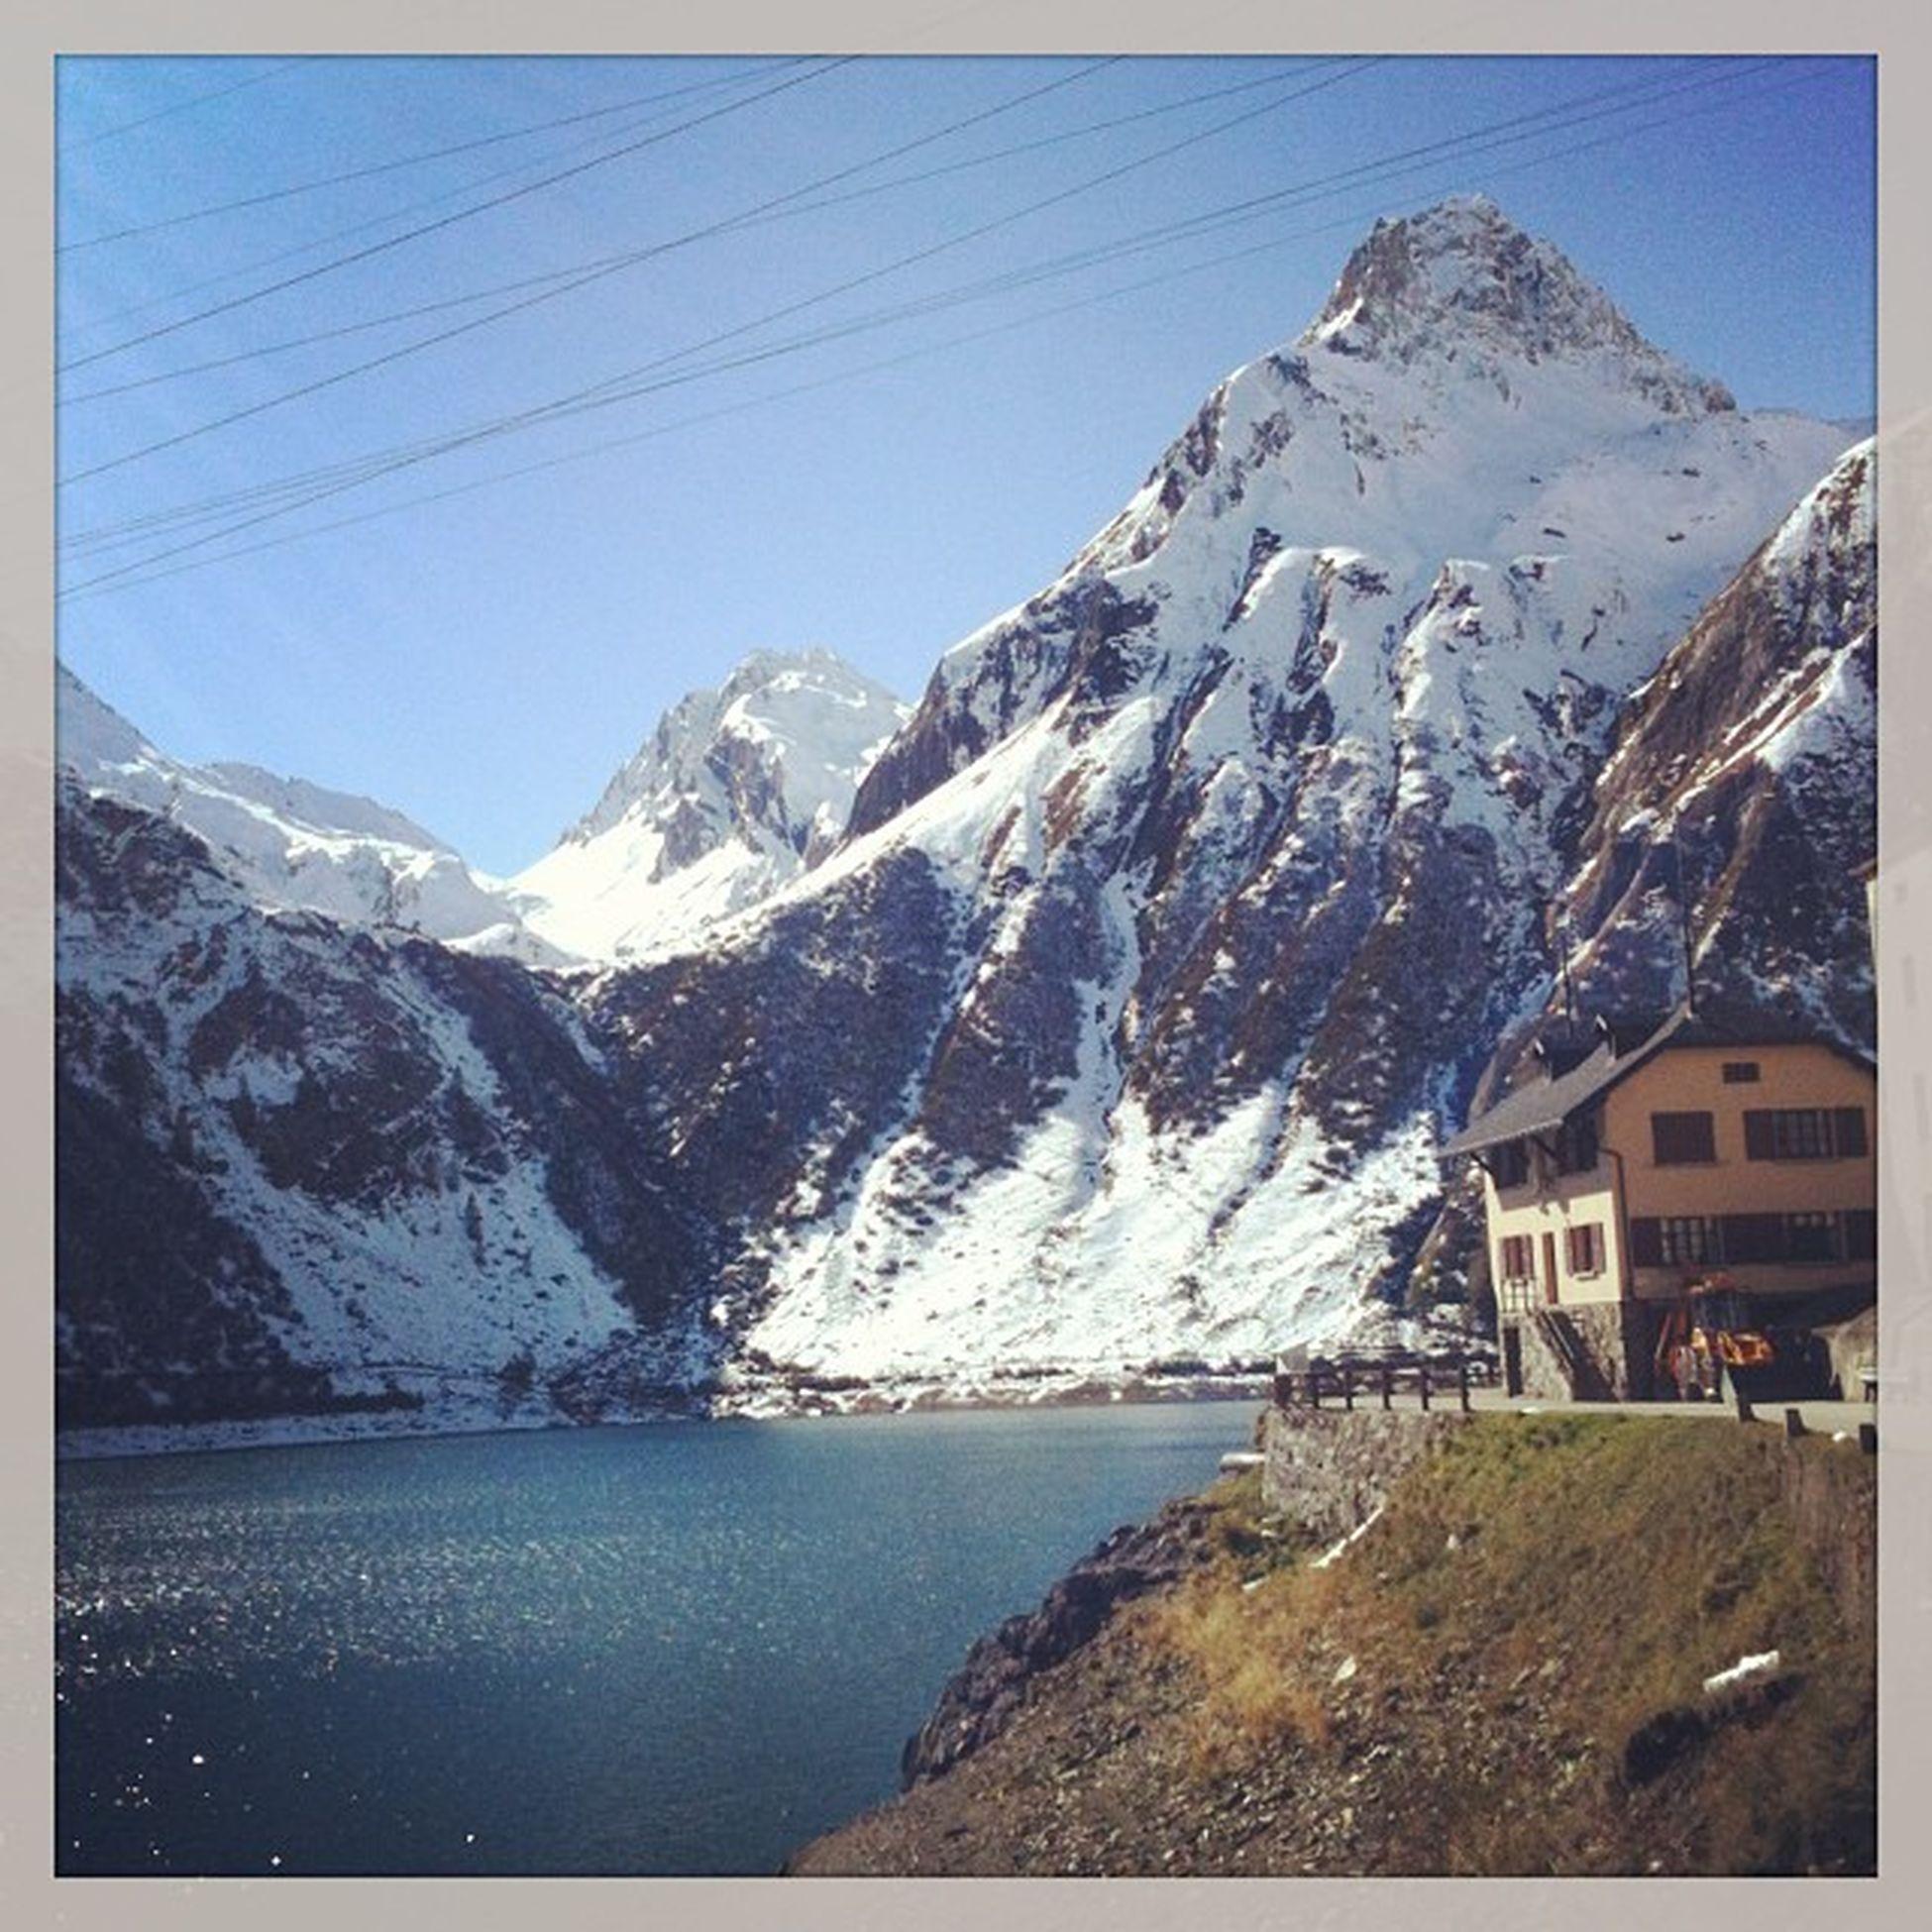 Mountain Hello World Lake Snow